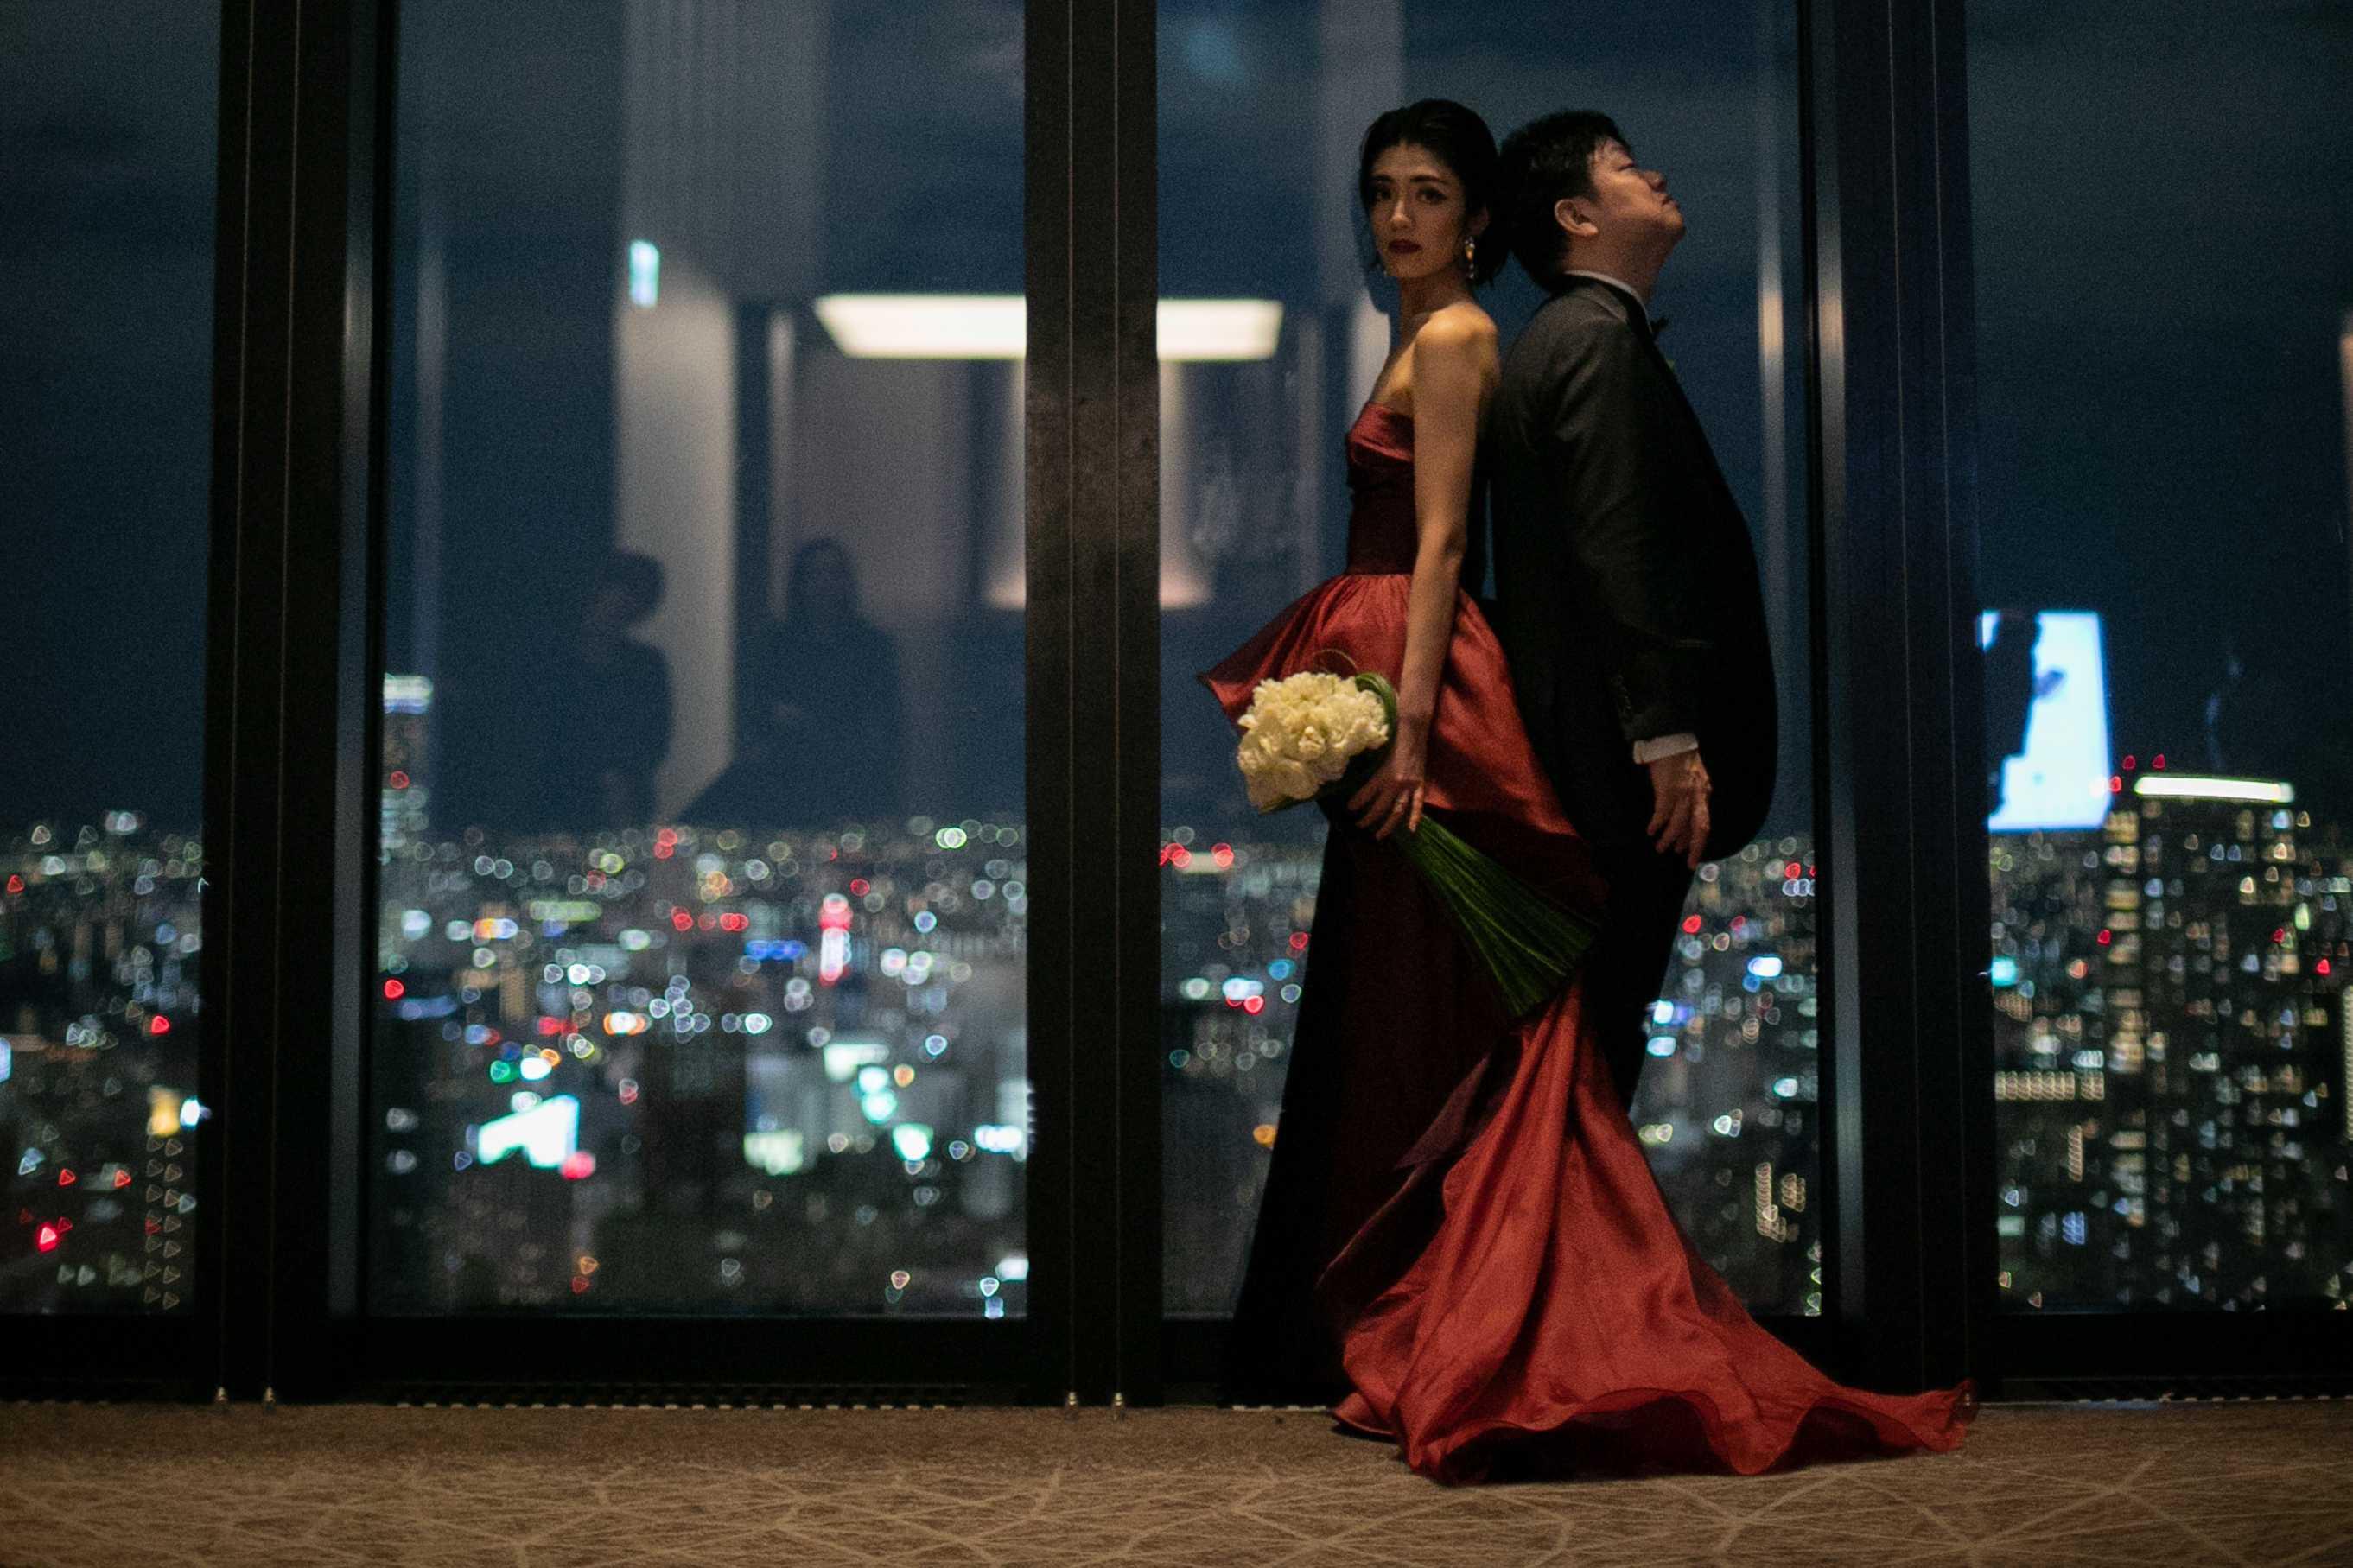 ウェディングソムリエ ウェディングドレス ホテル婚